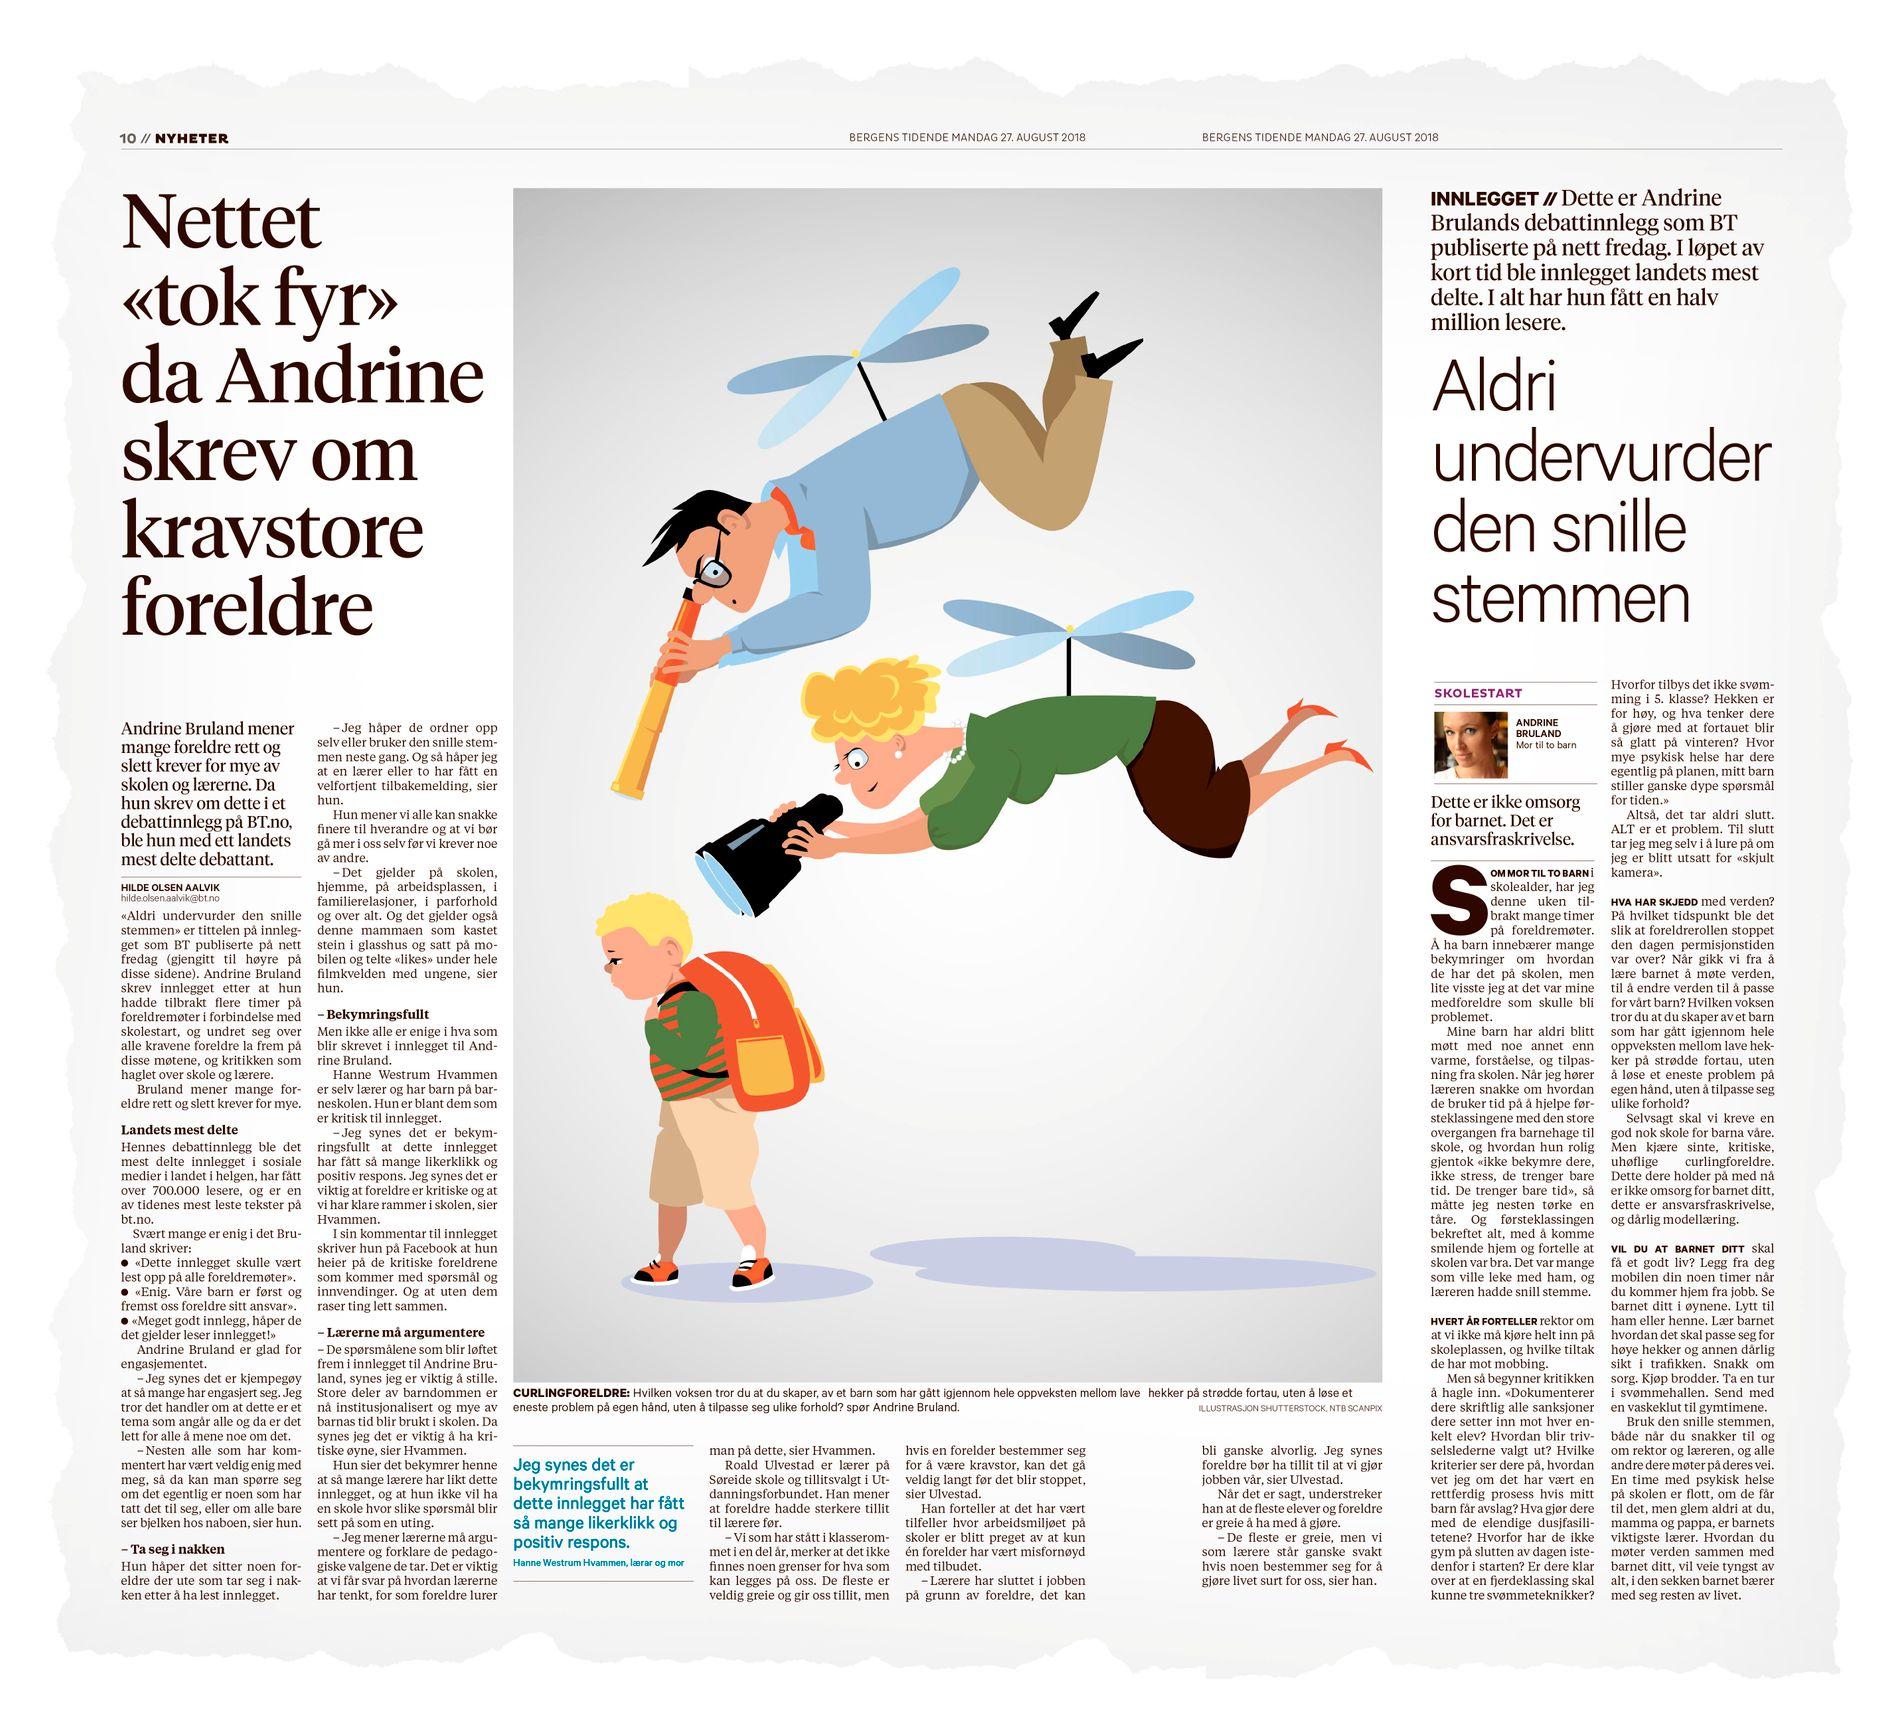 SPRES RASKT: Andrine Brulands innlegg, «Aldri undervurder den snille stemmen», handlet om at mange foreldre rett og slett krever for mye. Innlegget er årets mest delte tekst i Norge, og over 800.000 har lest den. Faksimilen viser BTs omtale i mandagsavisen.